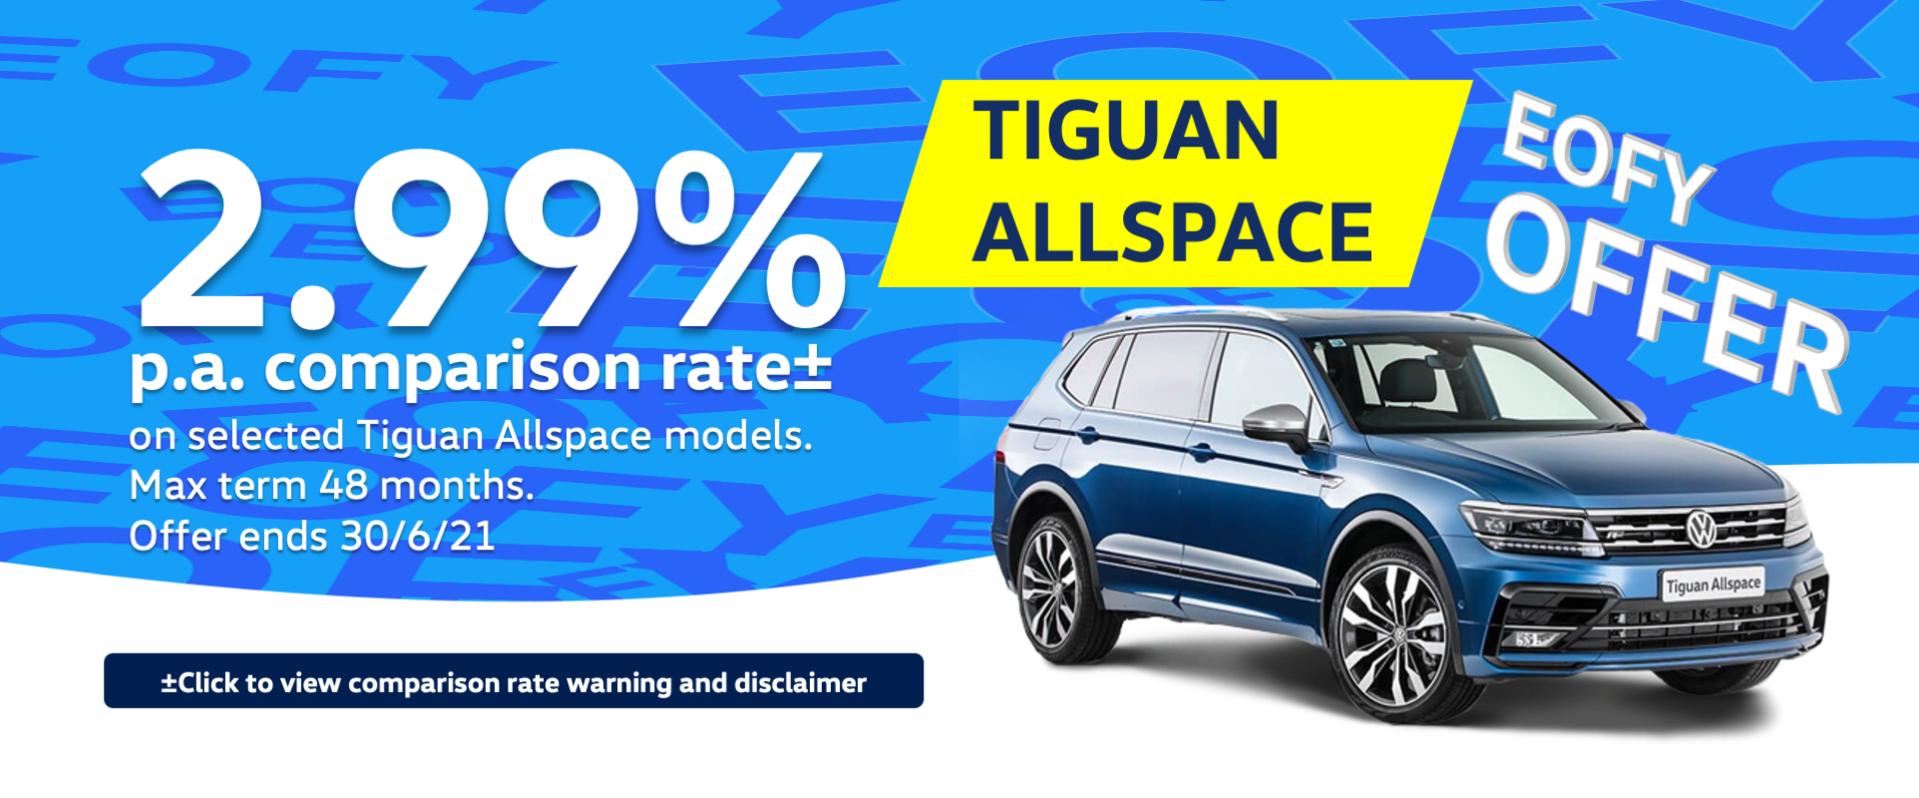 Tiguan Finance Offer